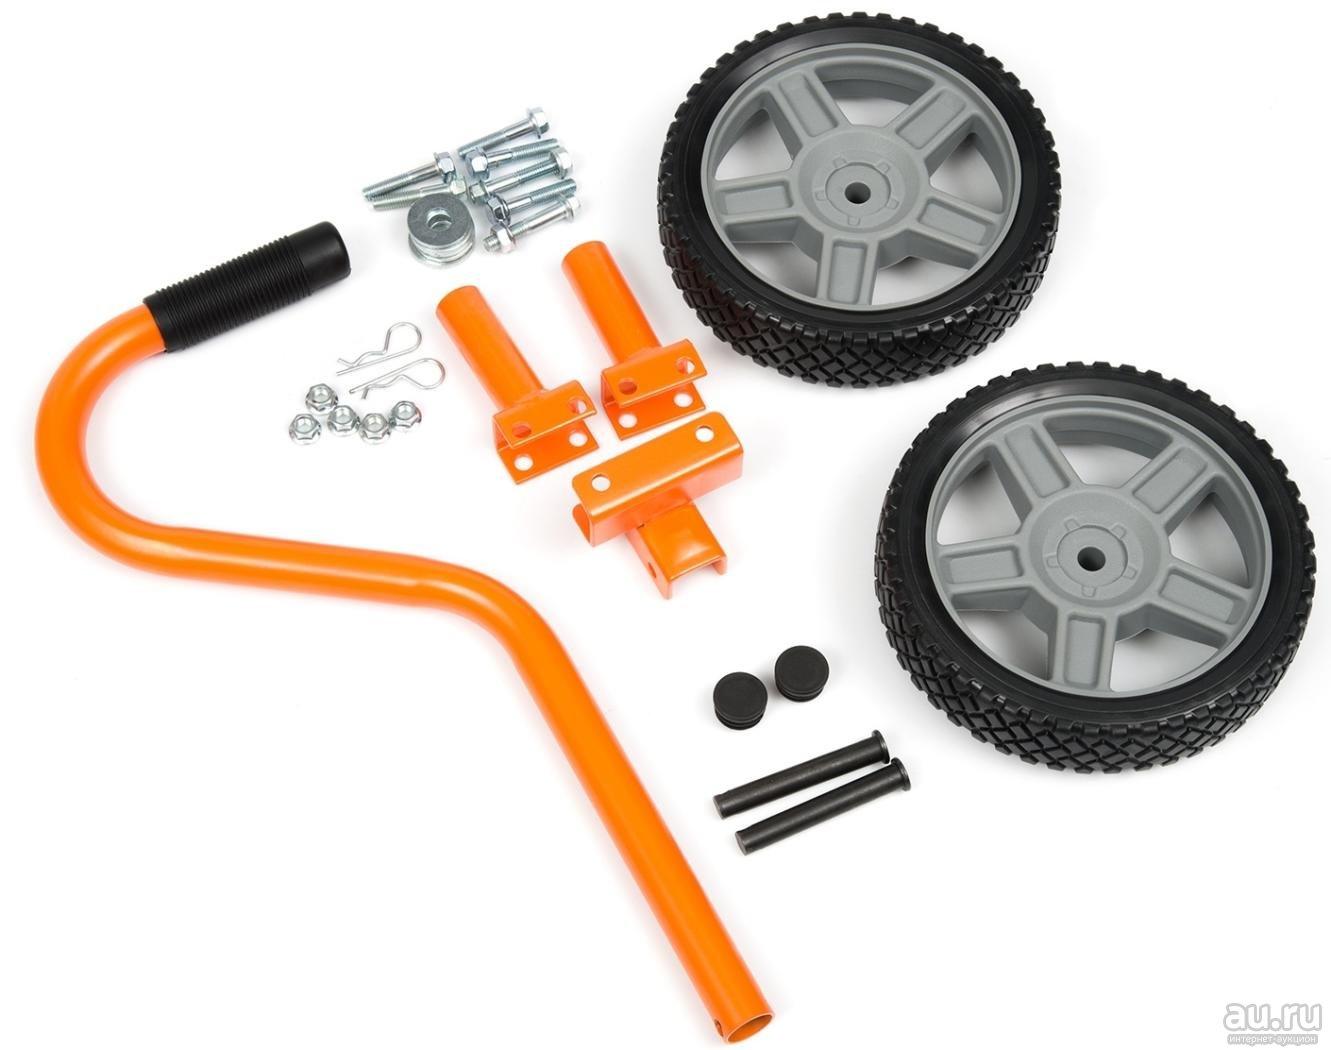 Комплект колес для генераторов ECT 7000 в Никольске